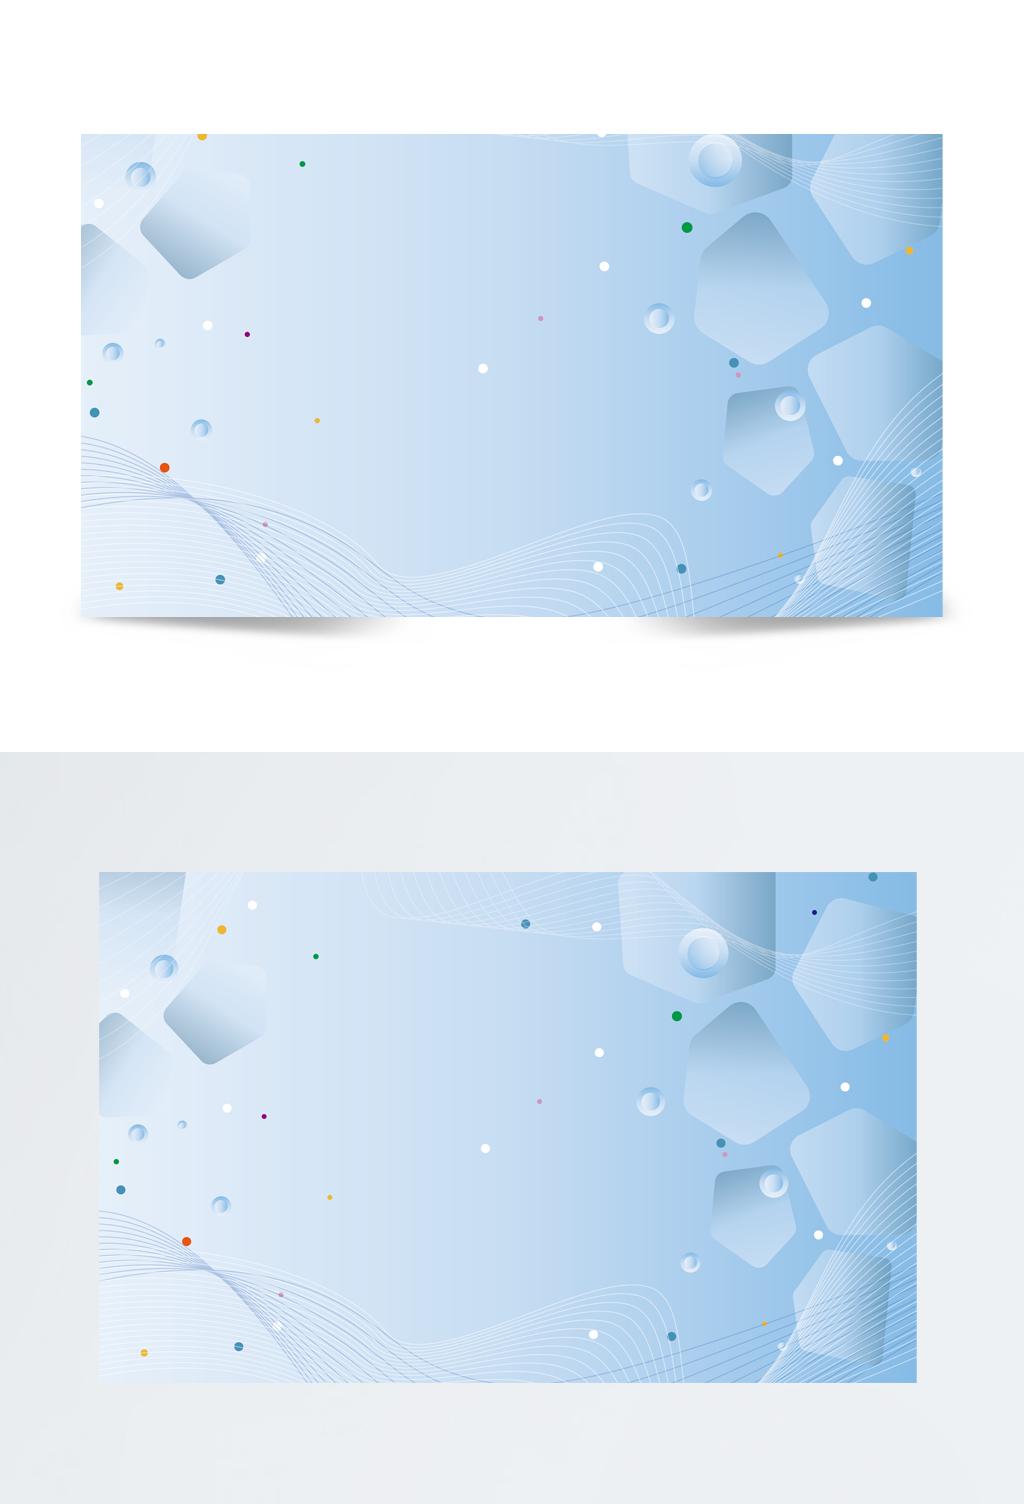 蓝色商务风科技背景